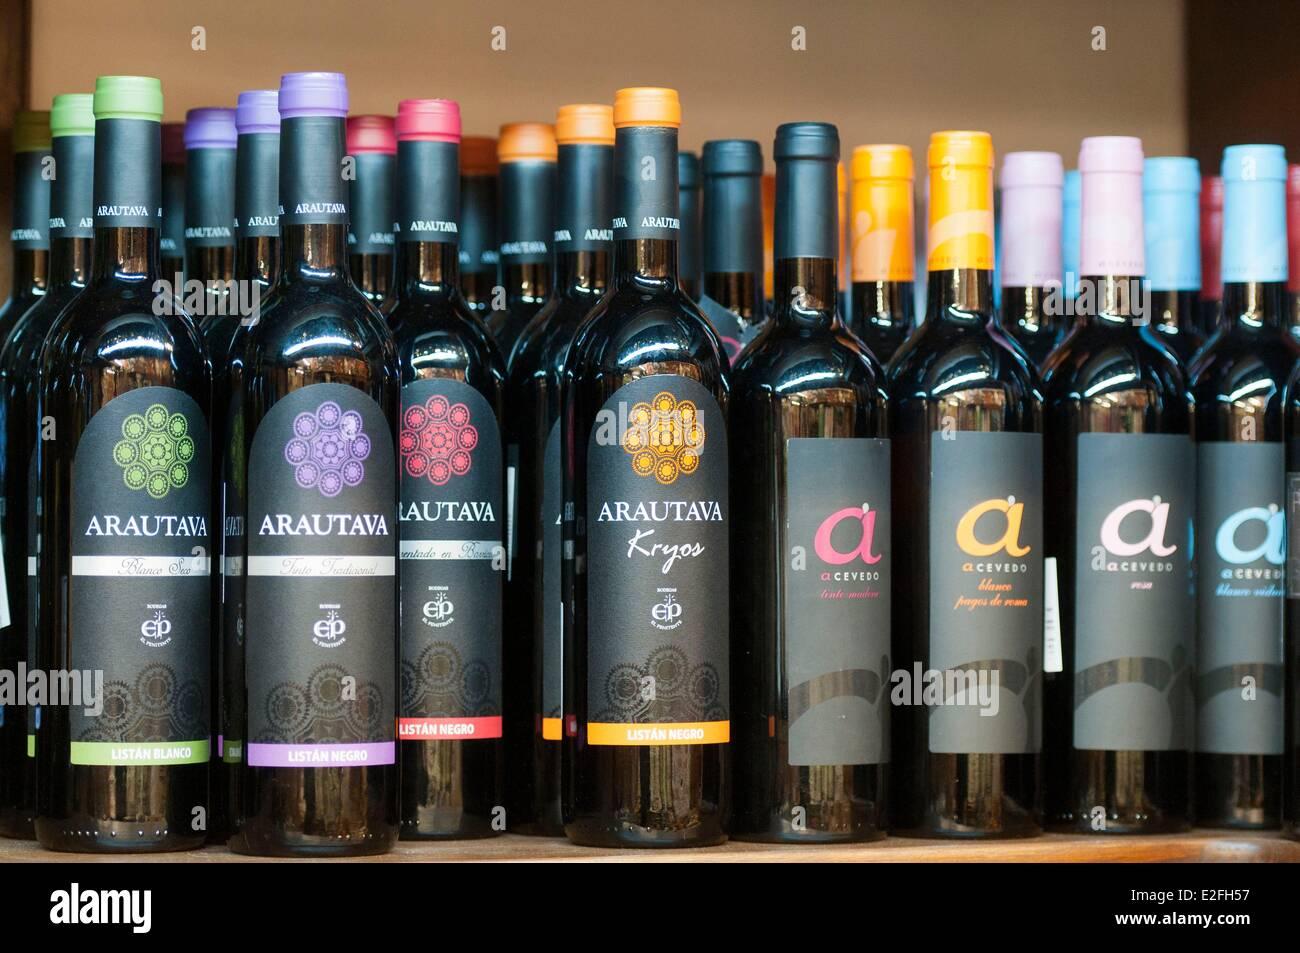 Spanien, Kanarische Inseln, Teneriffa, La Orotava, Kanarische Weine Stockbild